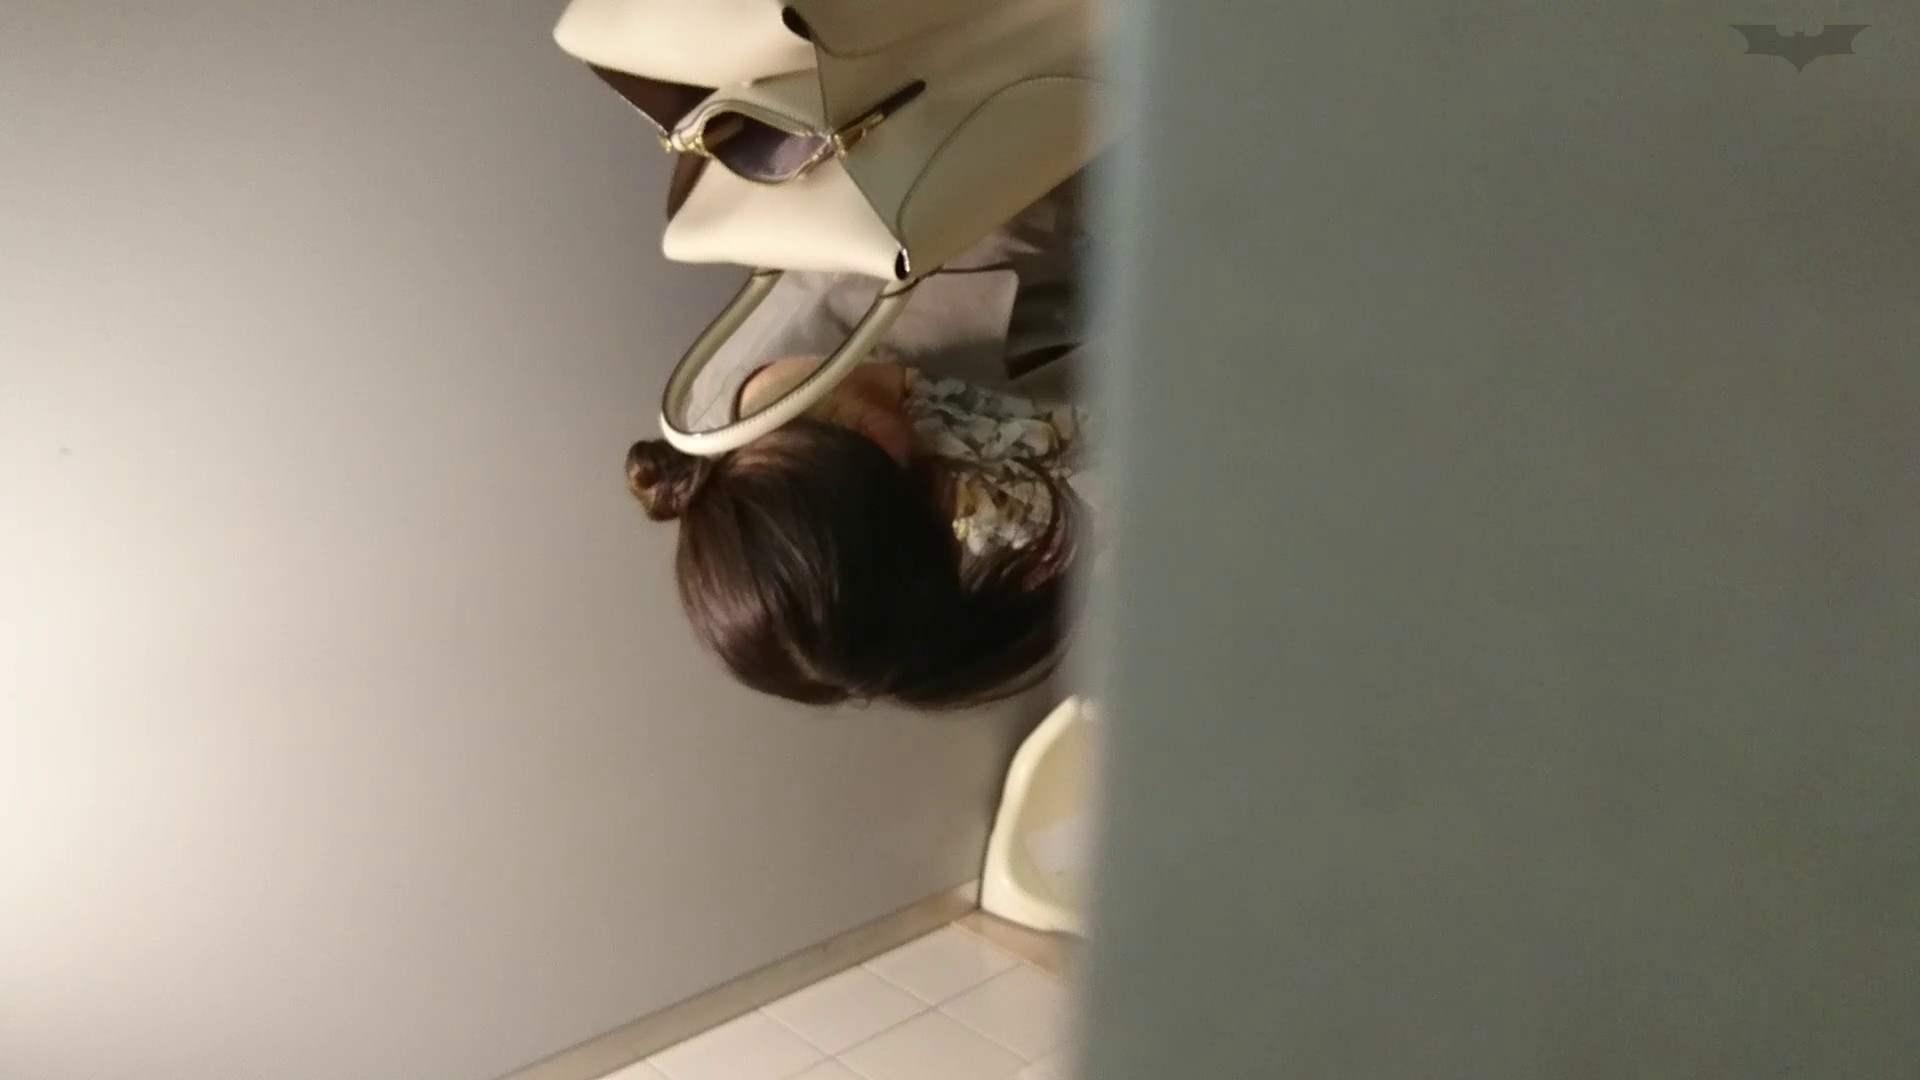 化粧室絵巻 ショッピングモール編 VOL.22 丸見え  111枚 72